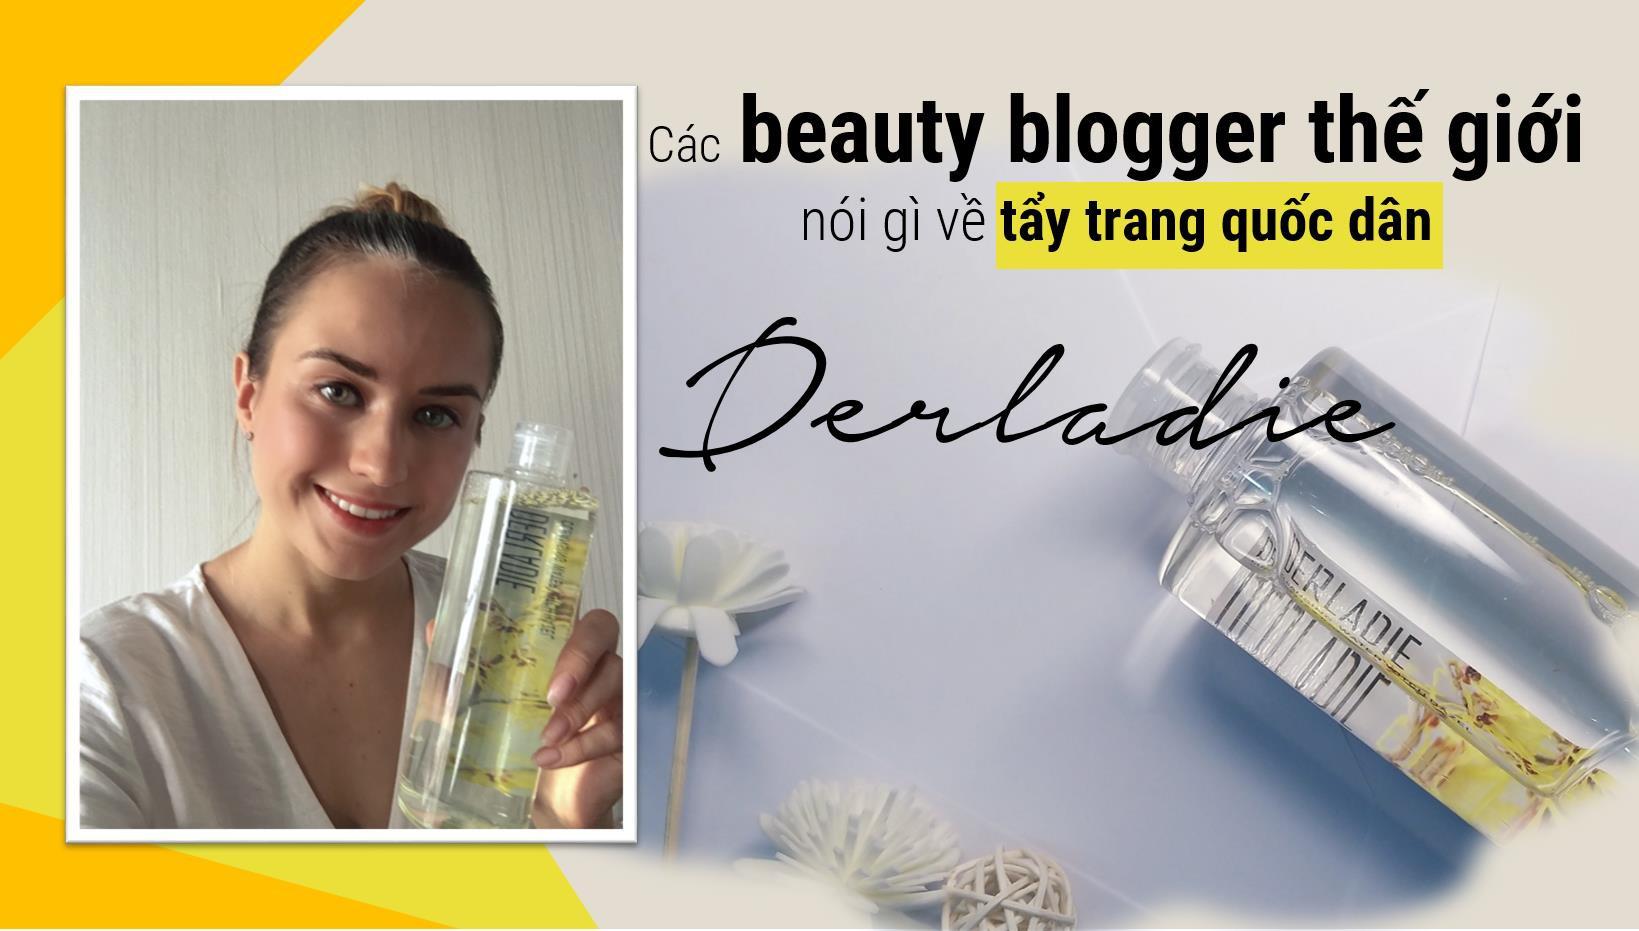 Các beauty blogger trên thế giới tẩy trang như thế nào? - Ảnh 1.